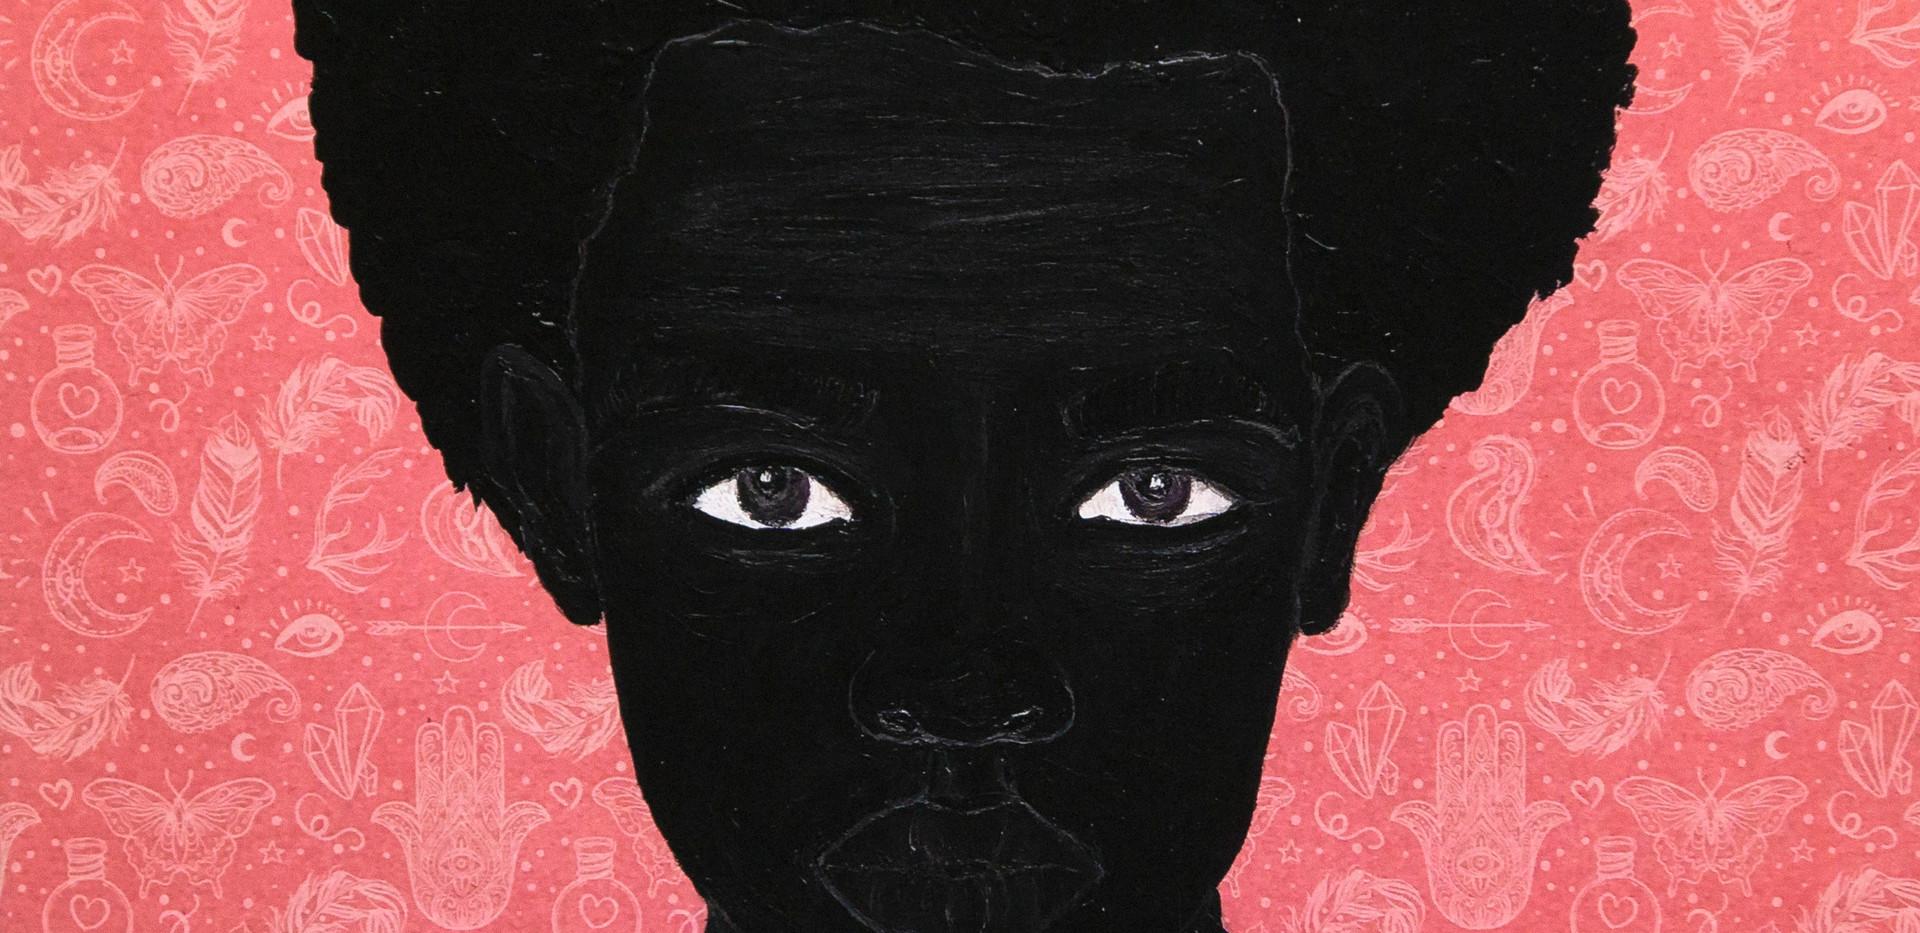 Idris Habib, Monah, 2020, Print on paper, 16 x 16 in